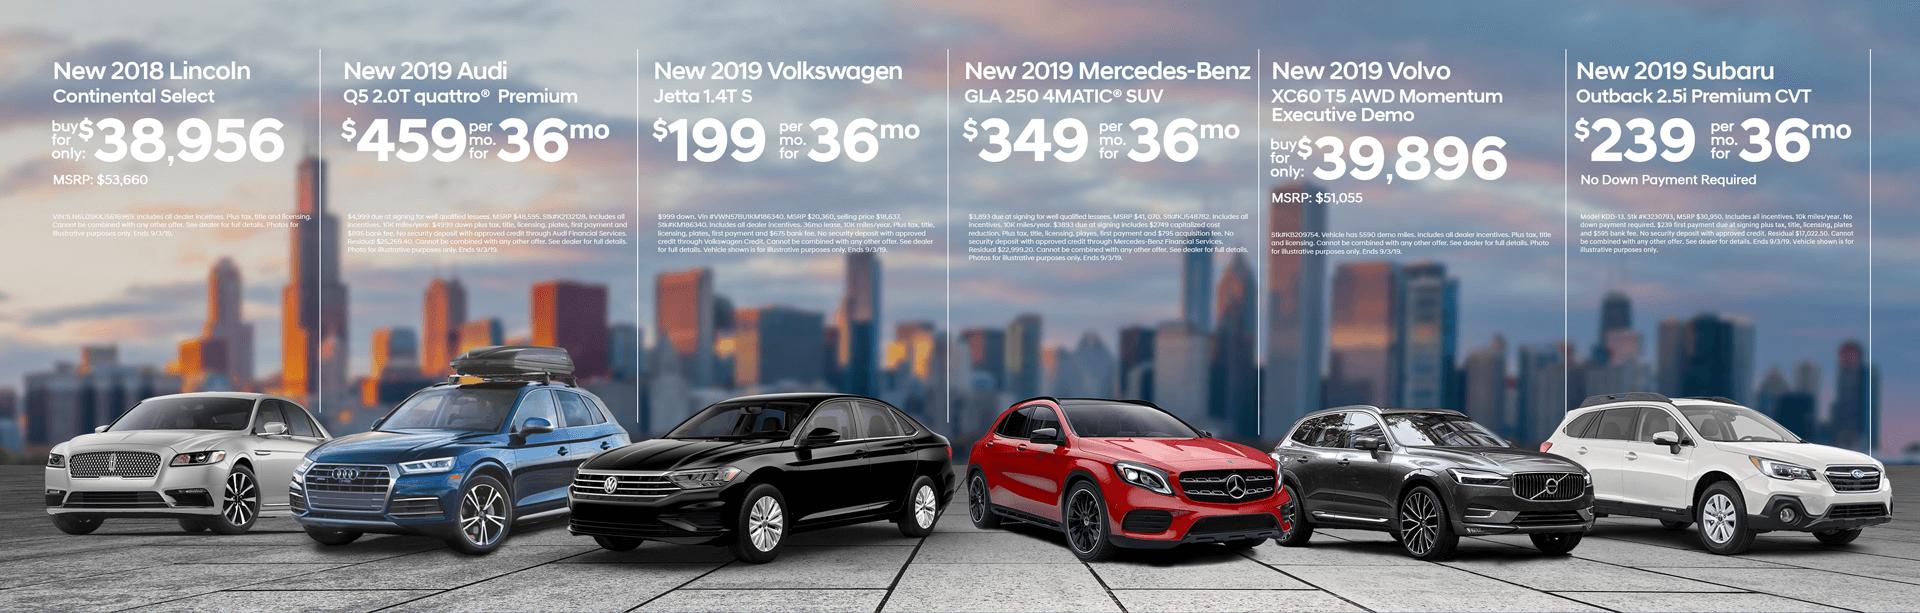 Leader Automotive sales event vehicle lineup